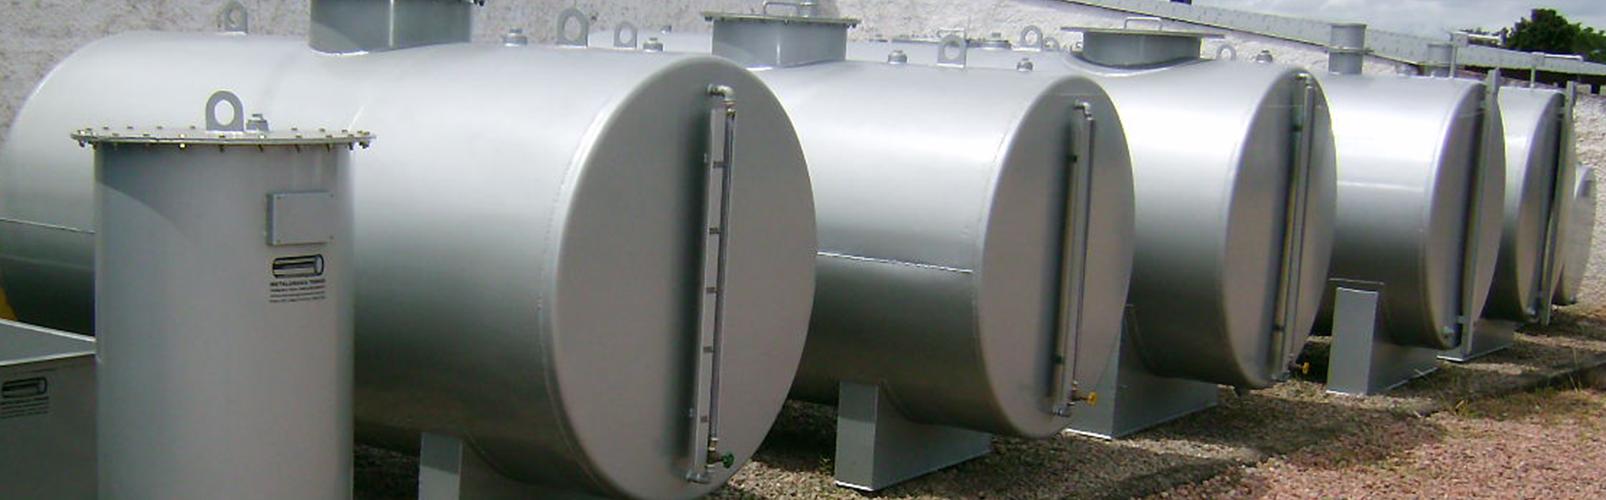 Especializada na fabricação e manutenção de tanques para<br>armazenamento de líquidos em geral